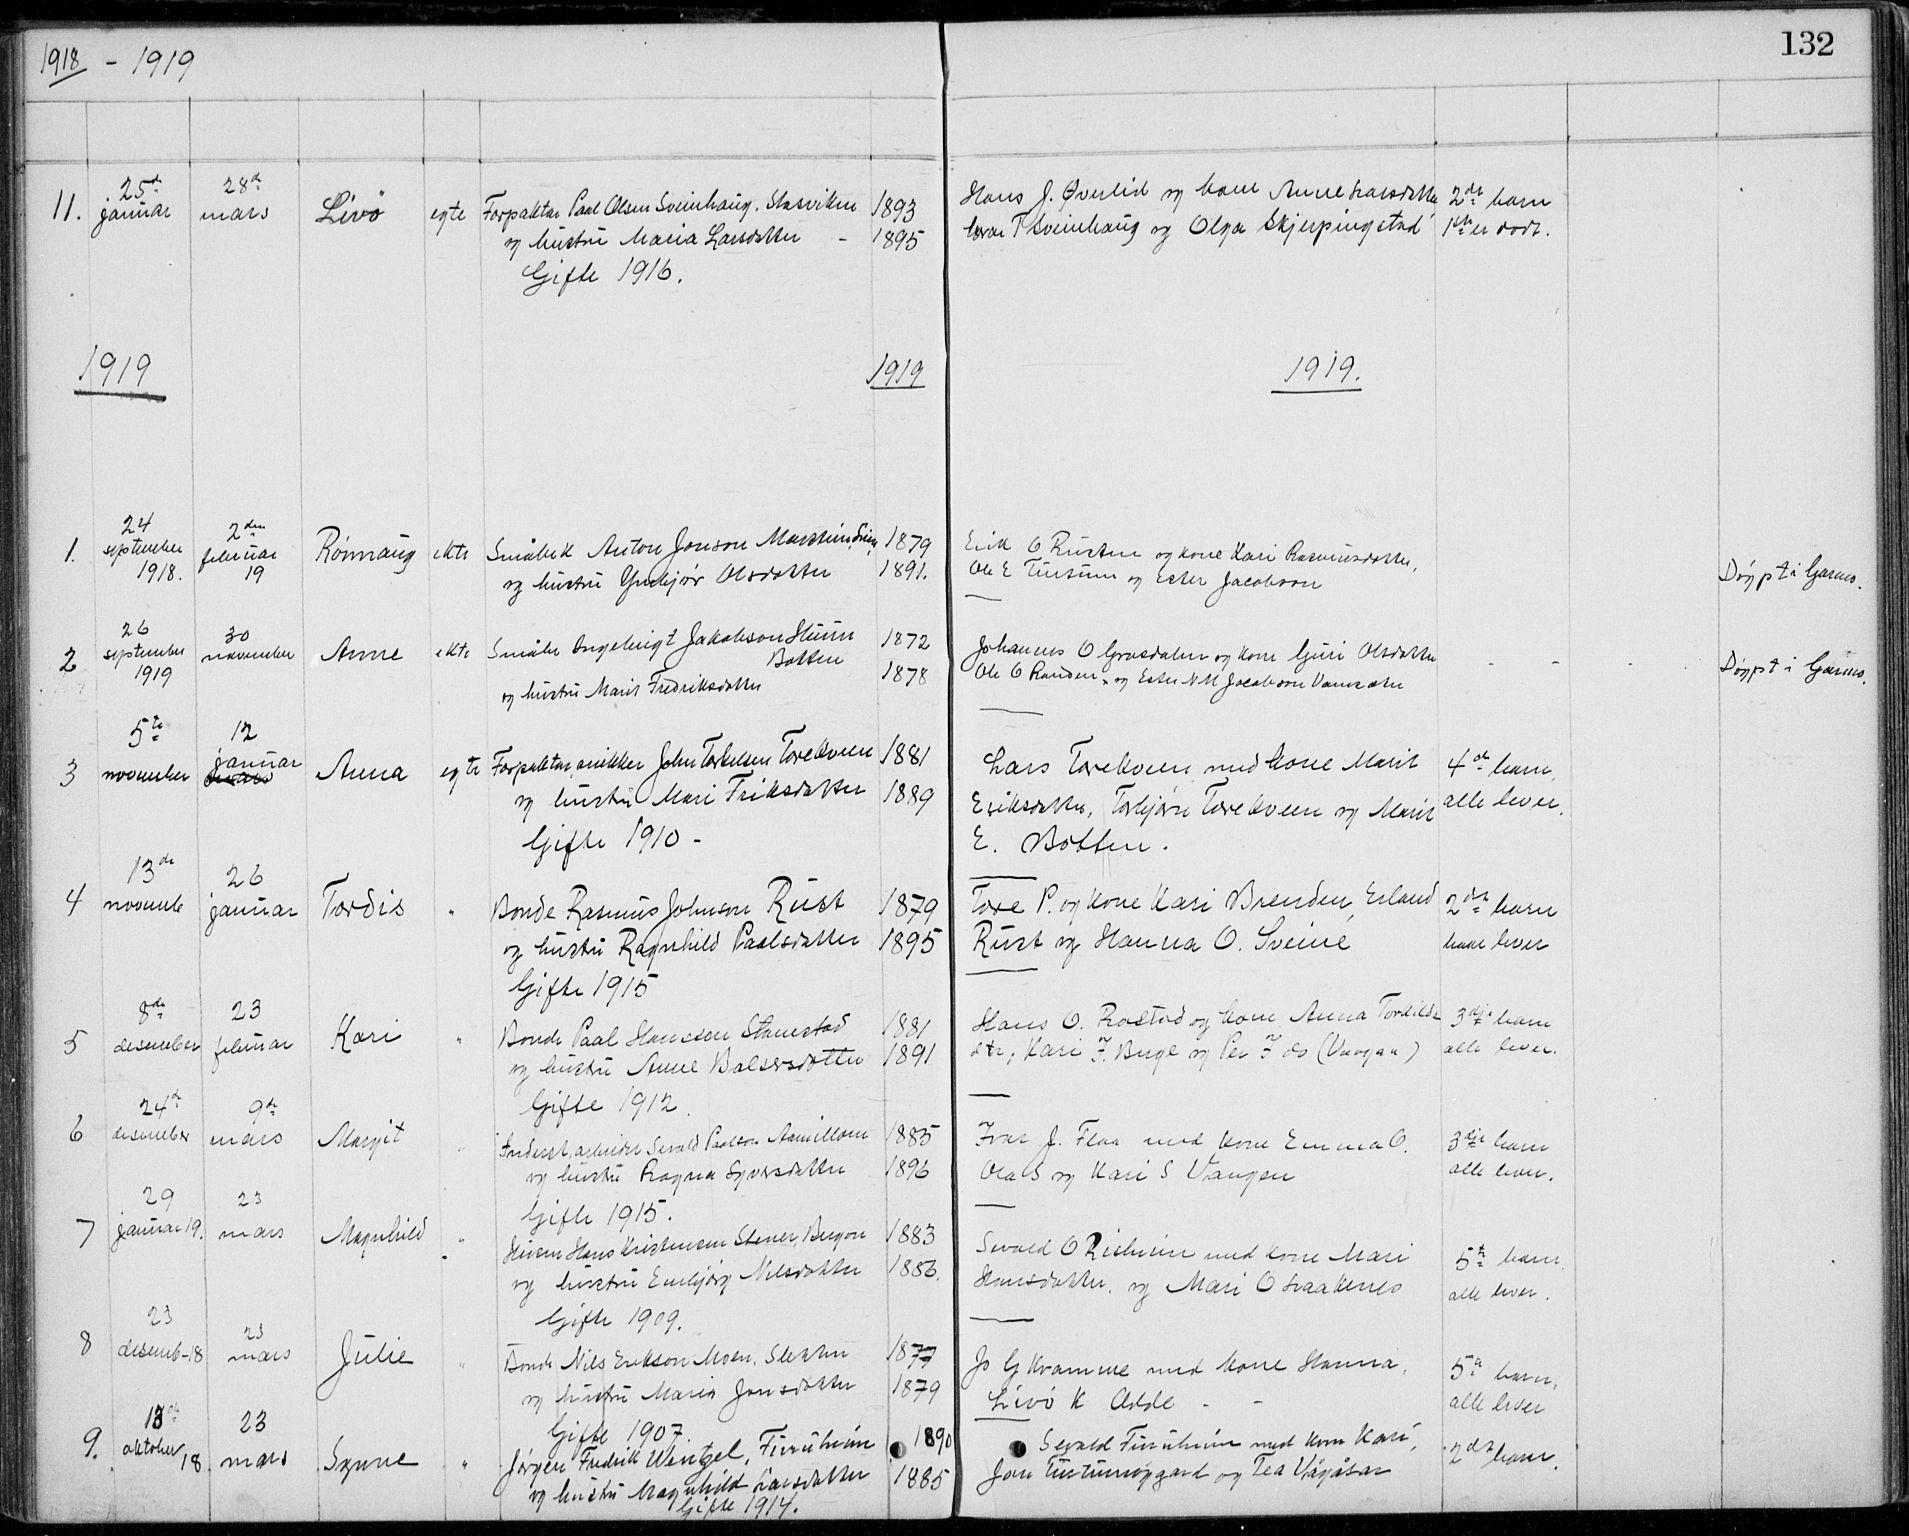 SAH, Lom prestekontor, L/L0013: Klokkerbok nr. 13, 1874-1938, s. 132